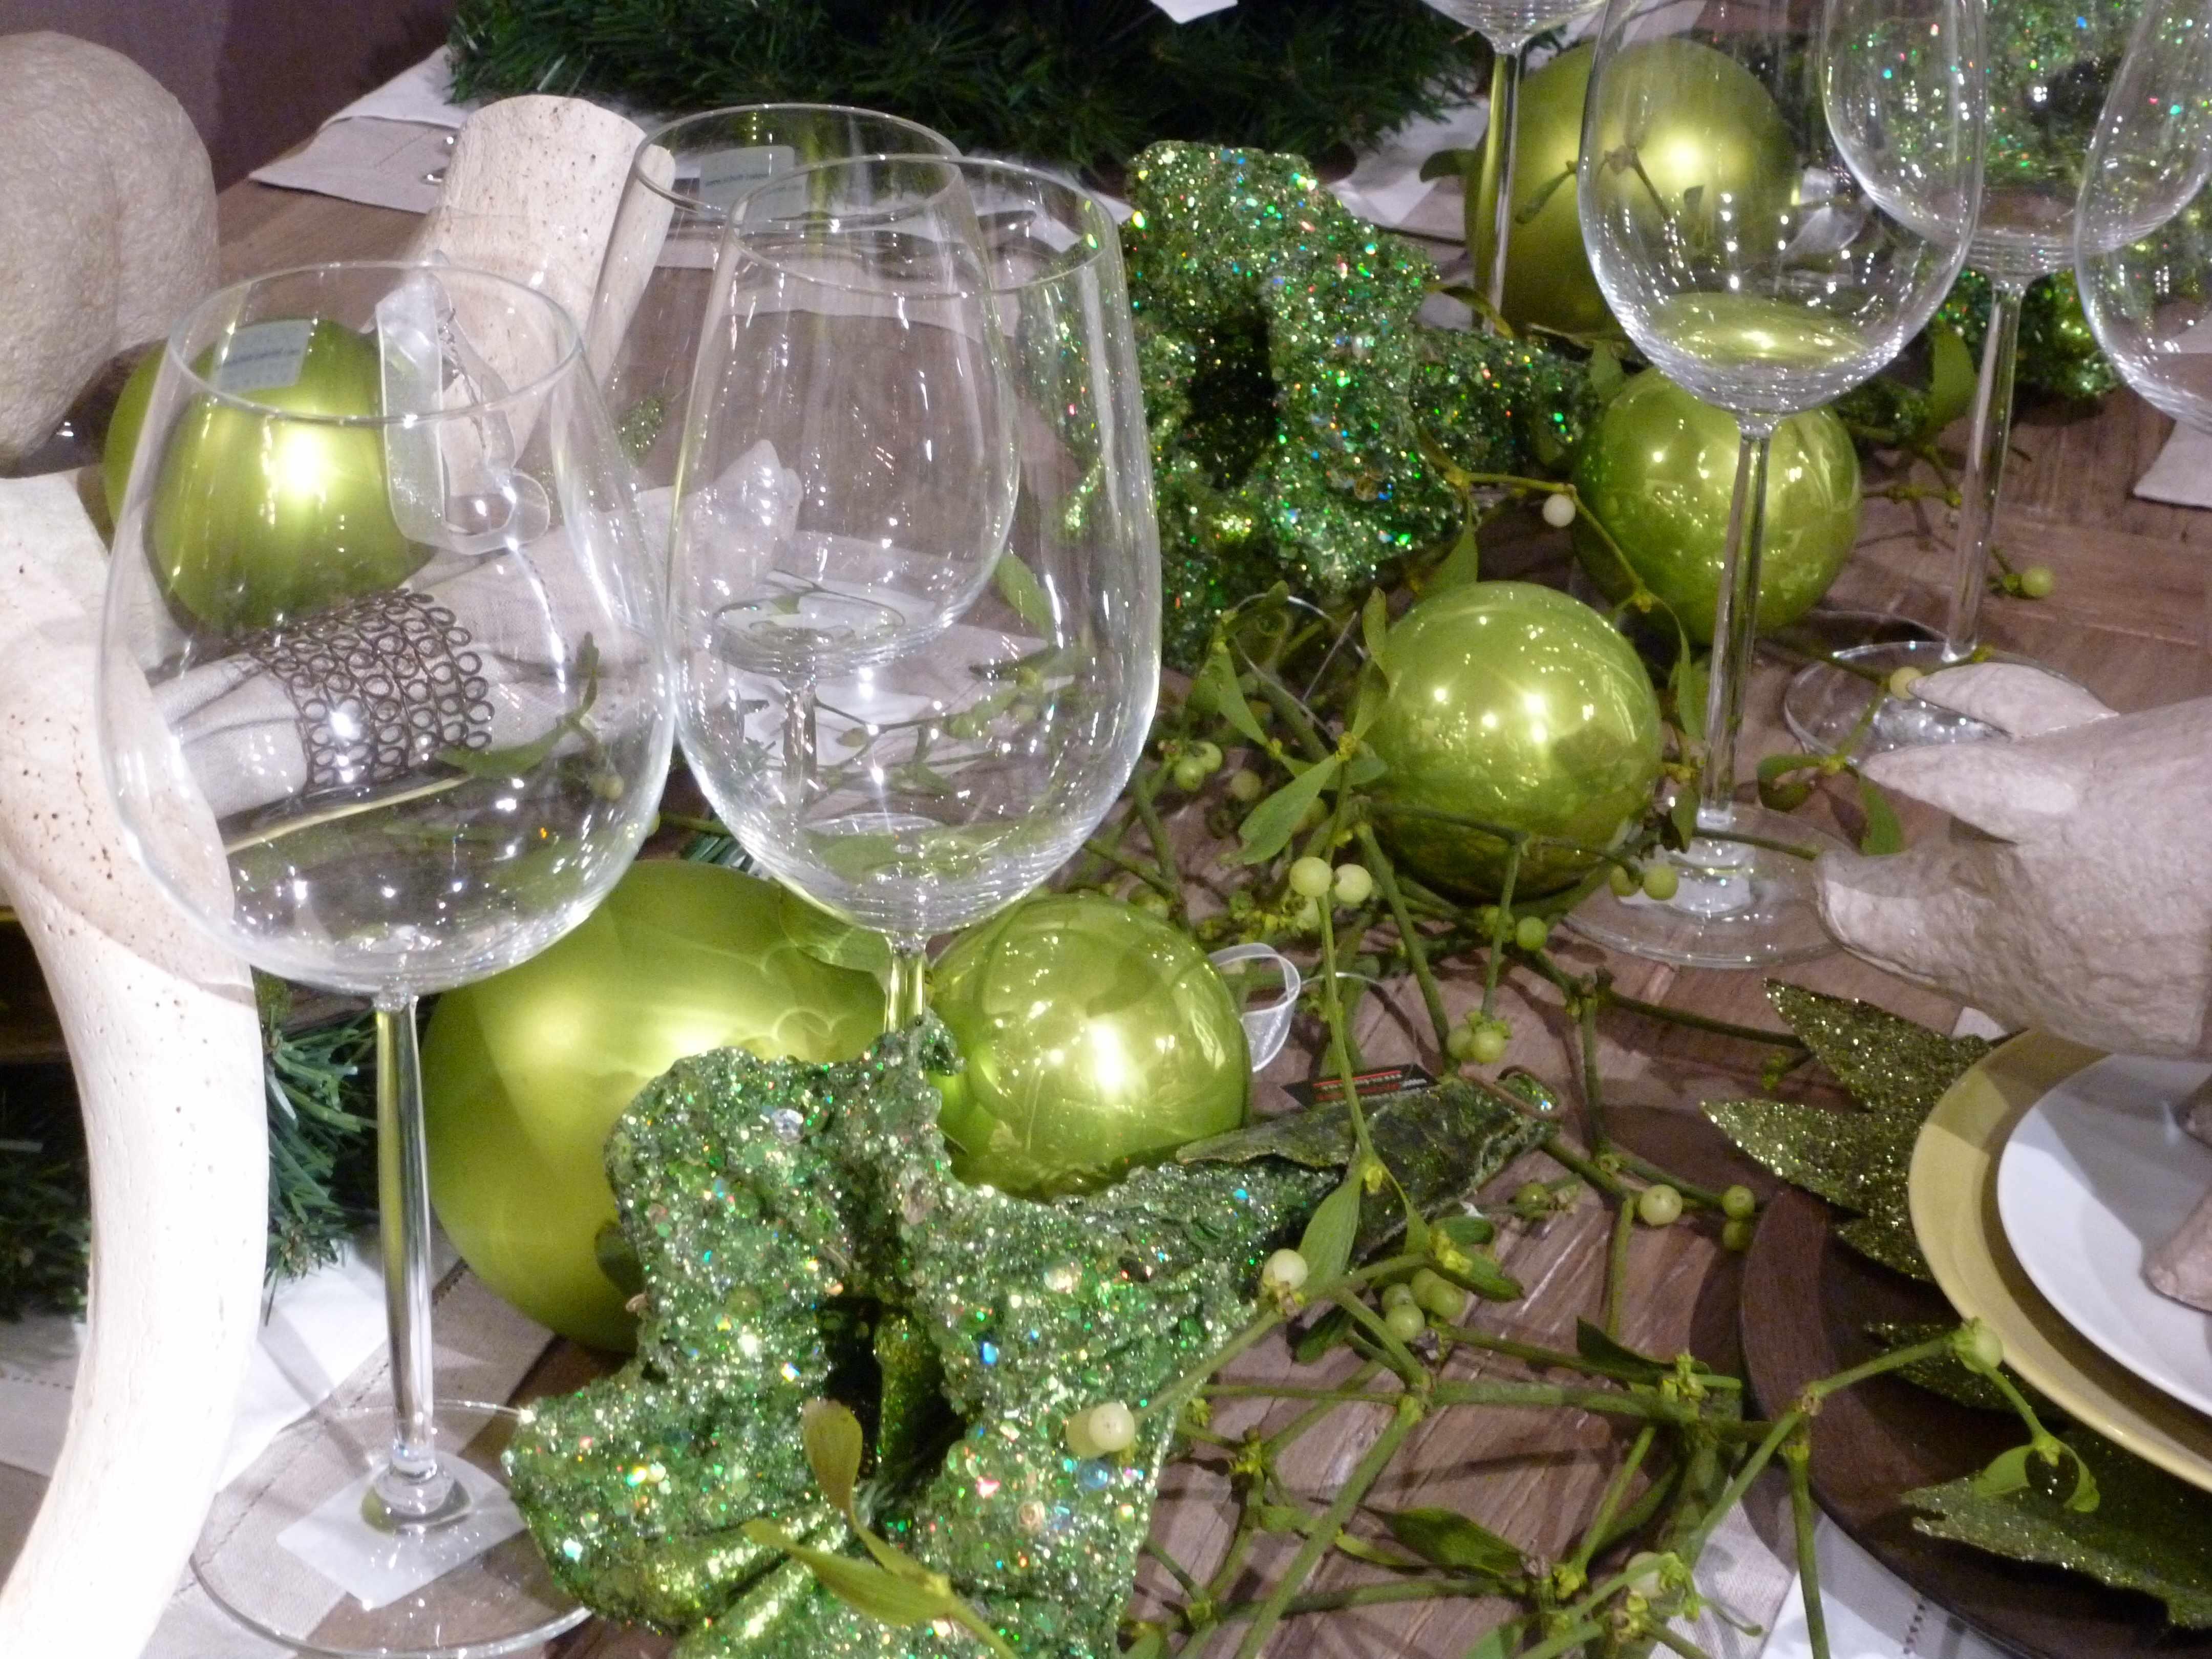 #4C612B 301 Moved Permanently 5353 decorations de noel bruxelles 4320x3240 px @ aertt.com